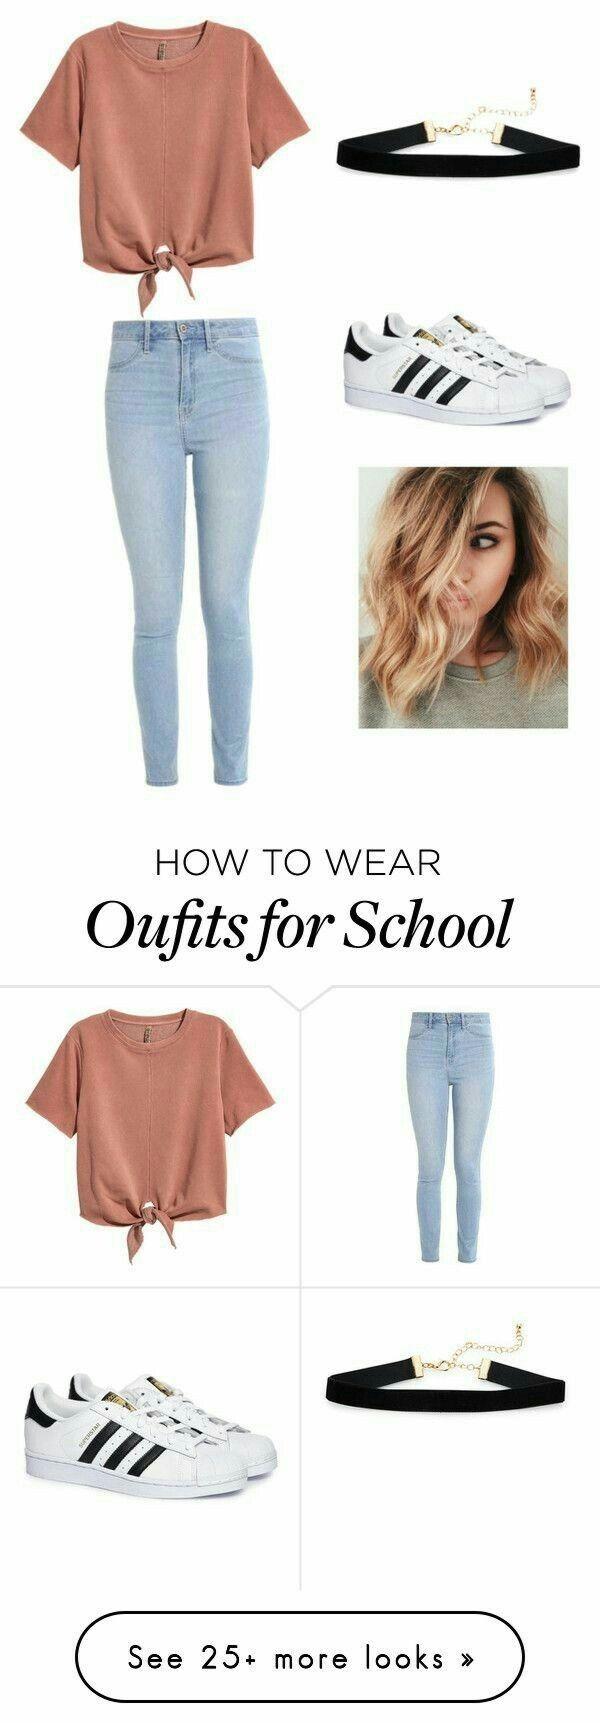 Teen Kleidung. Holen Sie sich Ihre neuesten, direkt von der Katze Walk, Outfits, Promi ...  #direkt #holen #katze #kleidung #neuesten #outfits #promi #teenageclothing